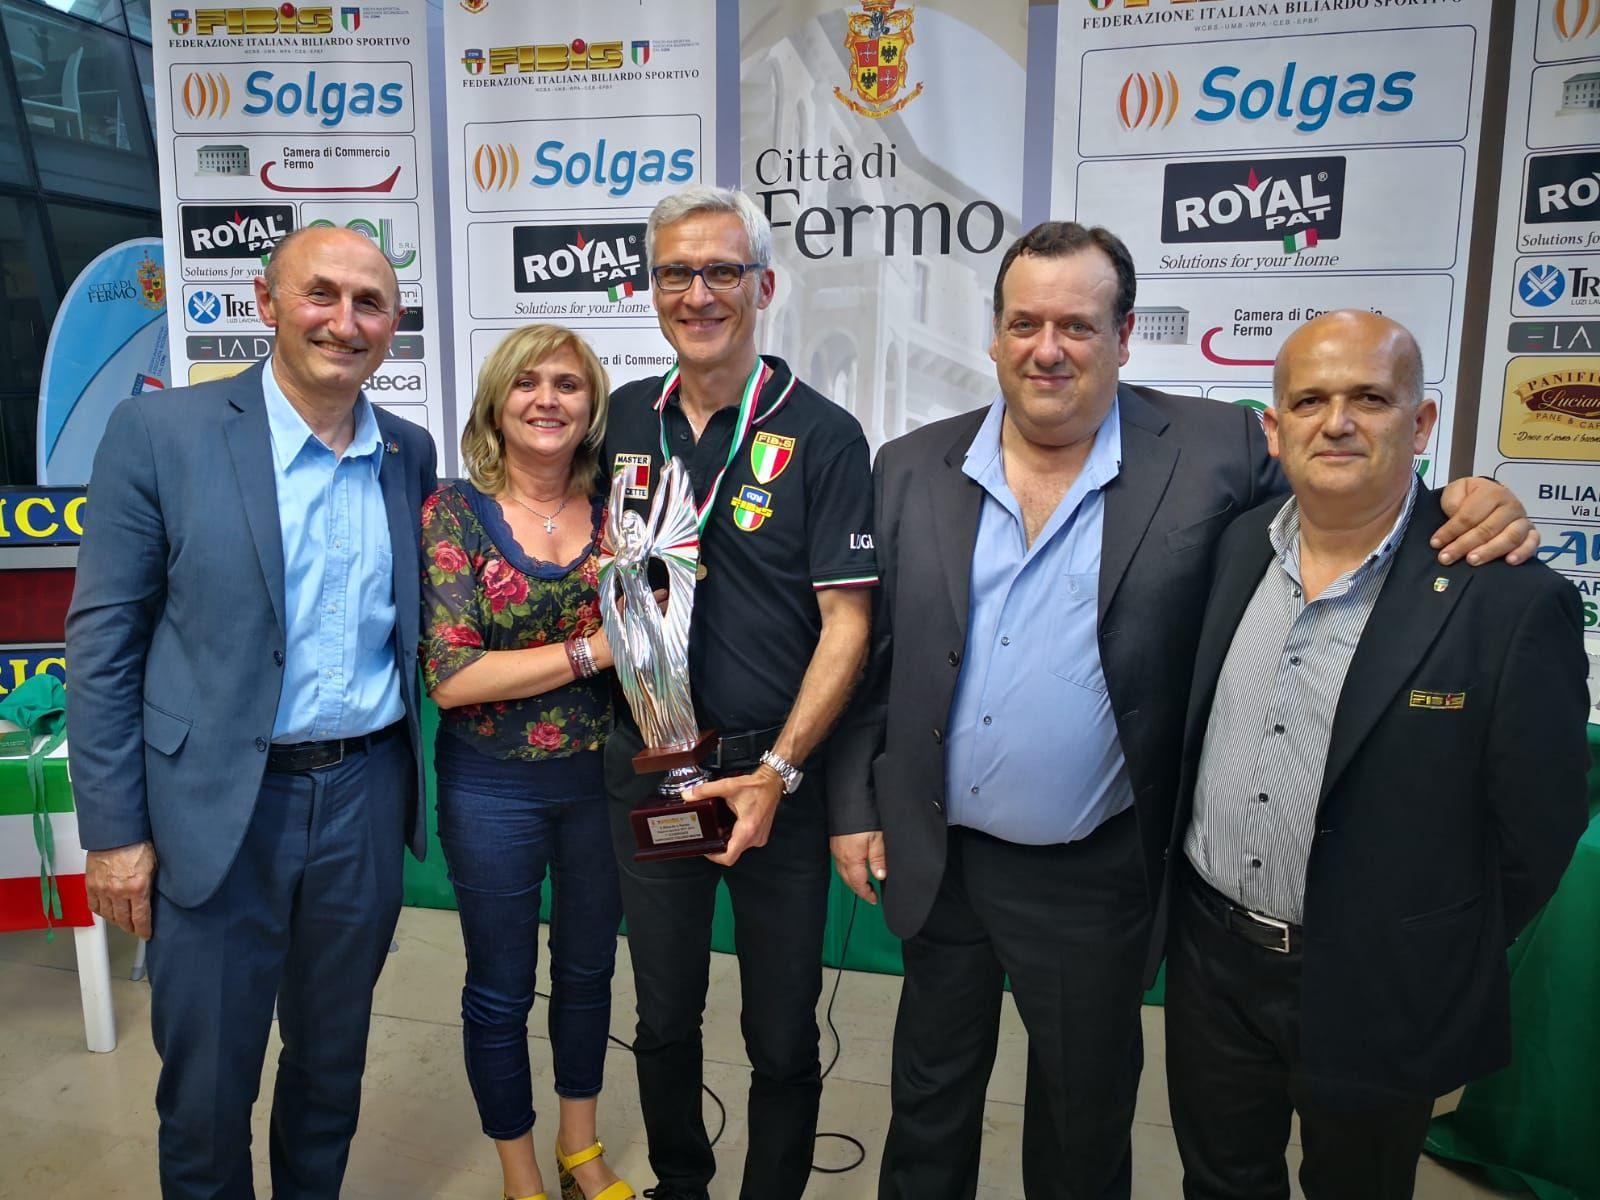 Loris De Cesari, Moglie e Gianni Lugli, Pavio Migliozzi e Francesco Andrenacci